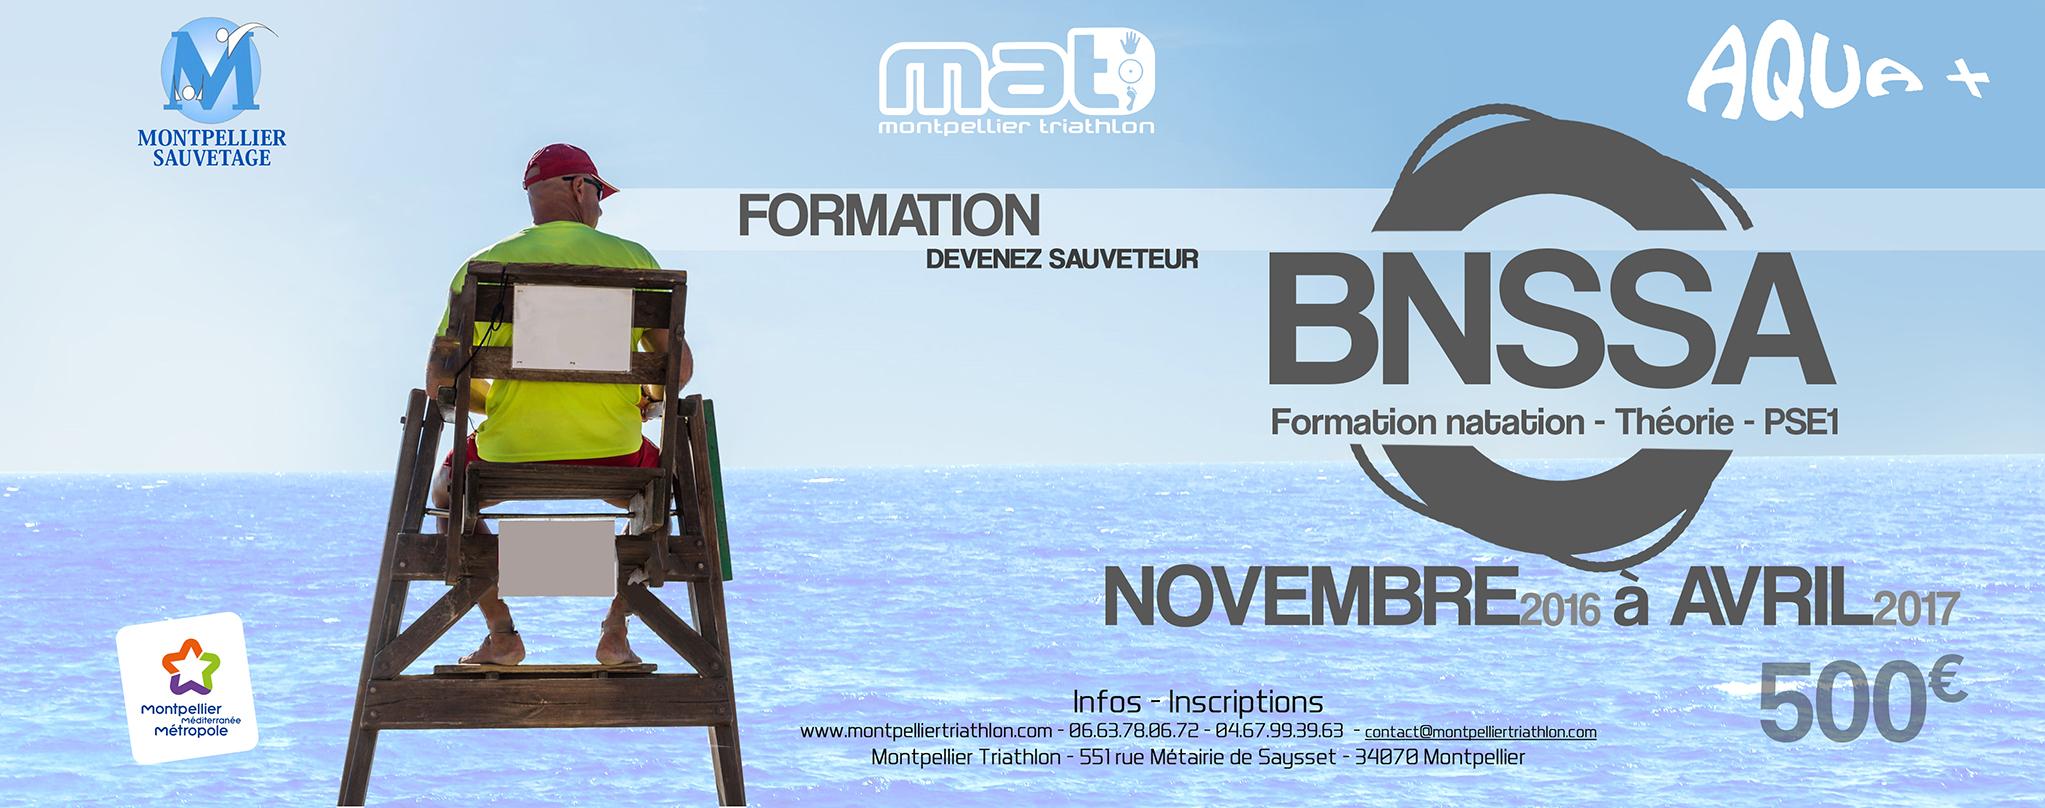 formation_bnssa_fb